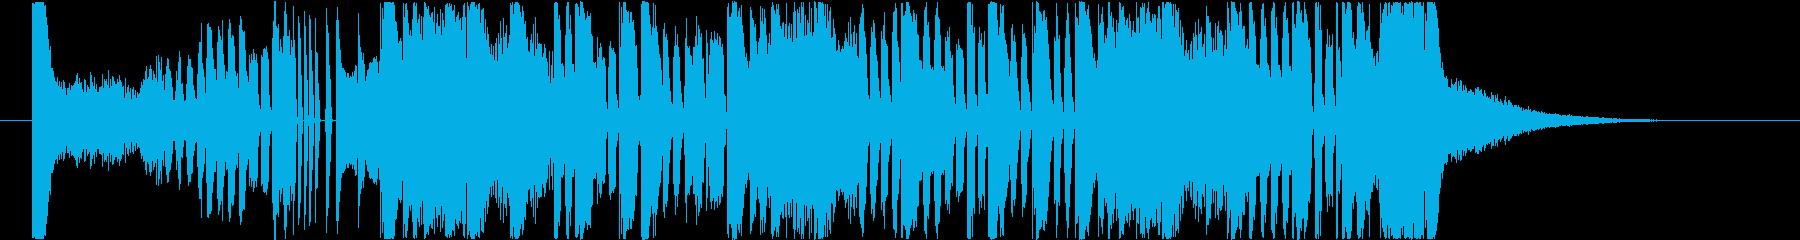 未来的なサイバーダブステップ/EDM2の再生済みの波形